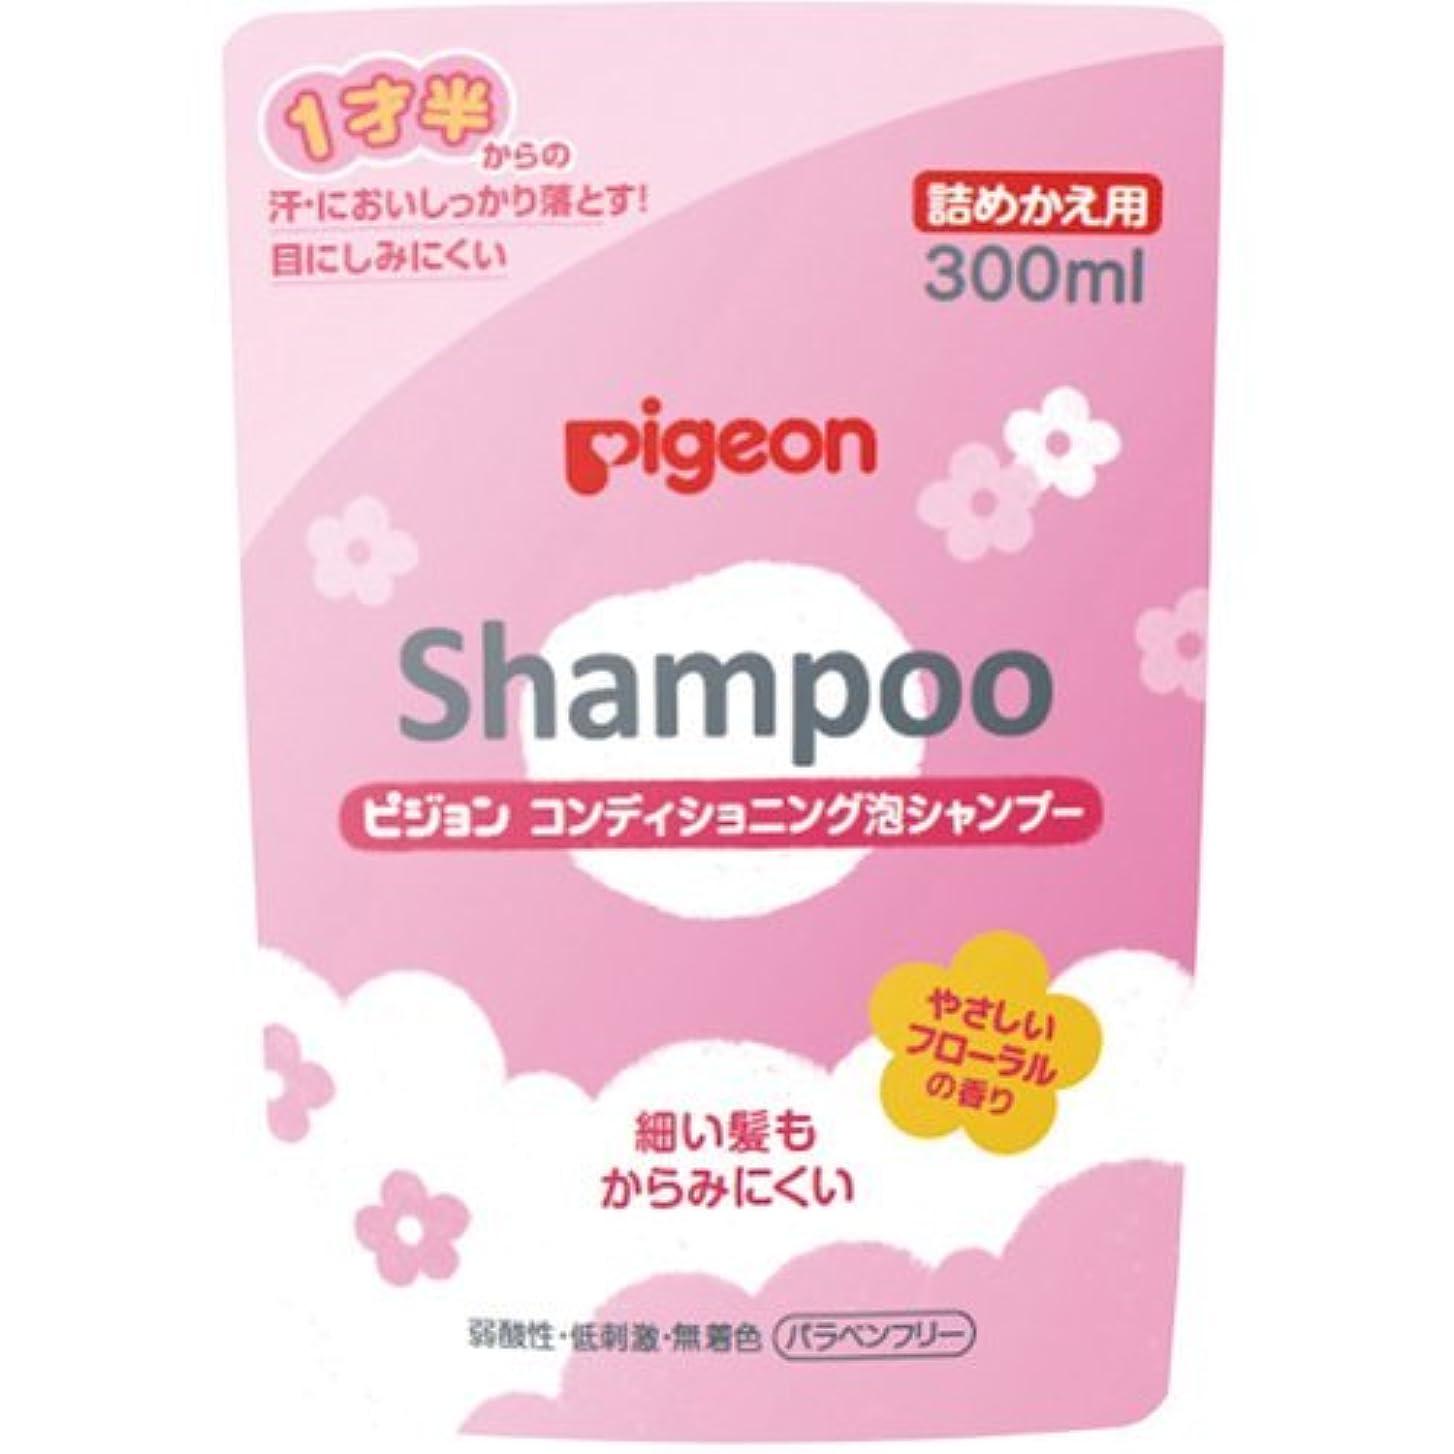 音負荷マンハッタンピジョン コンディショニング泡シャンプー やさしいフローラルの香り 詰めかえ用 300ml